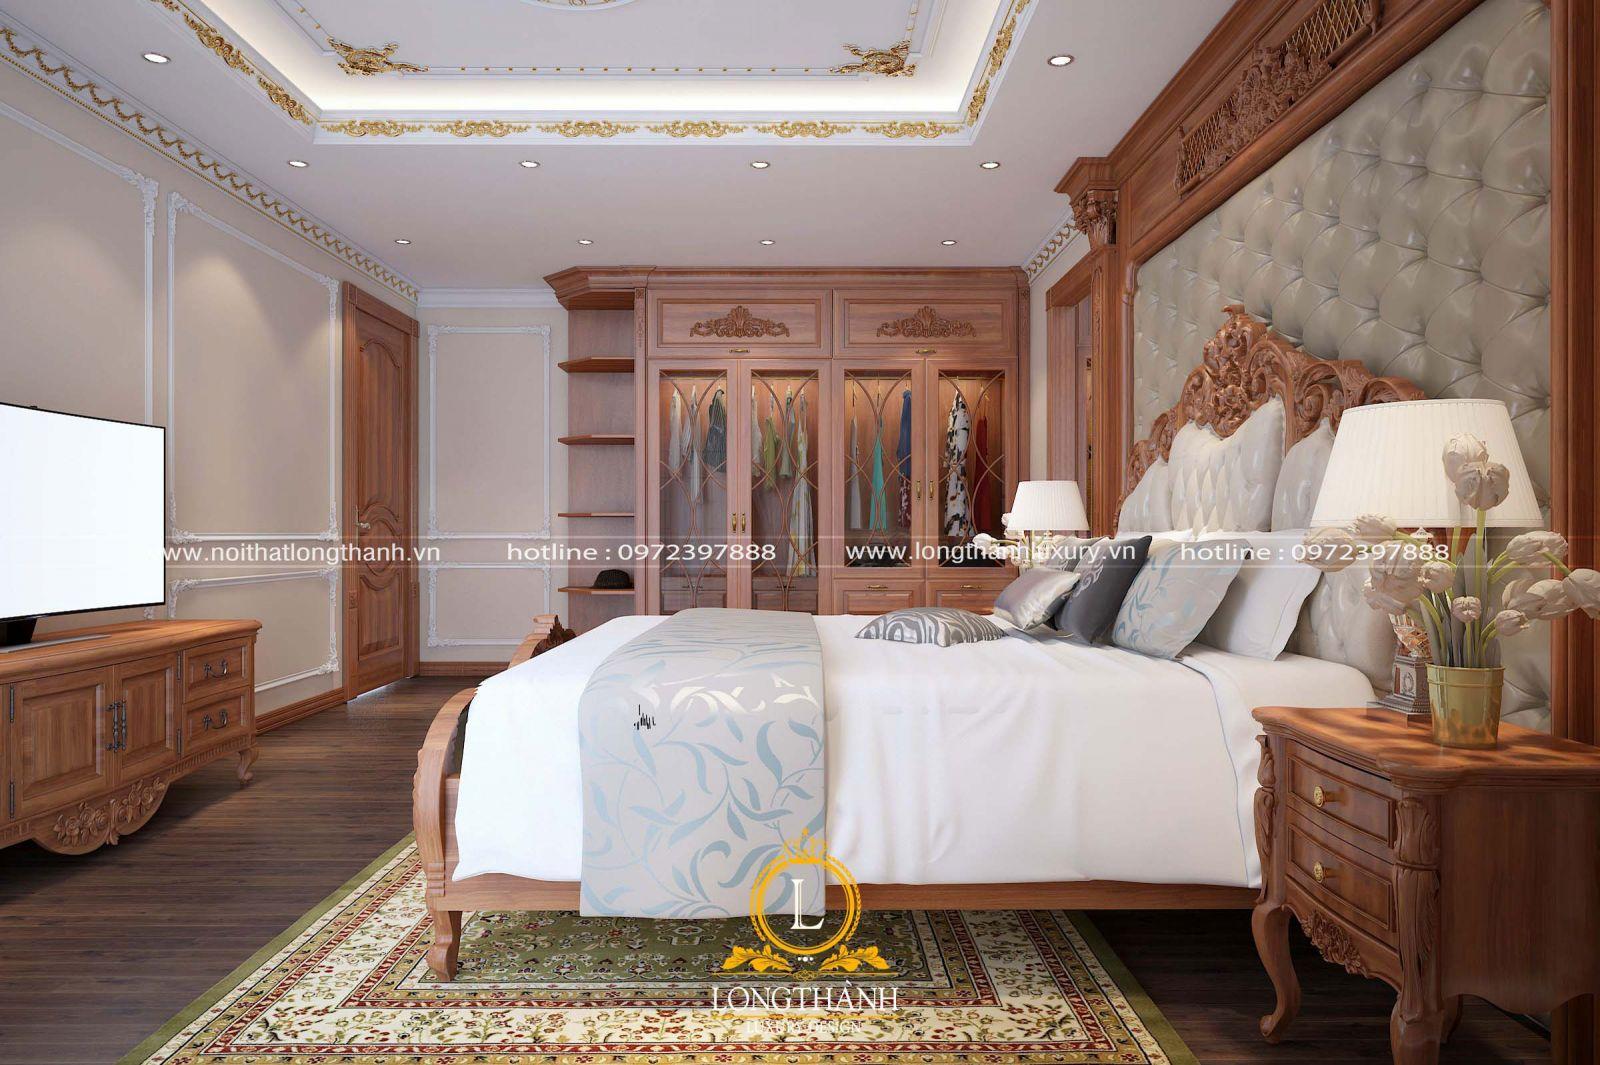 Nội thất phòng ngủ gỗ Gõ sang trọng